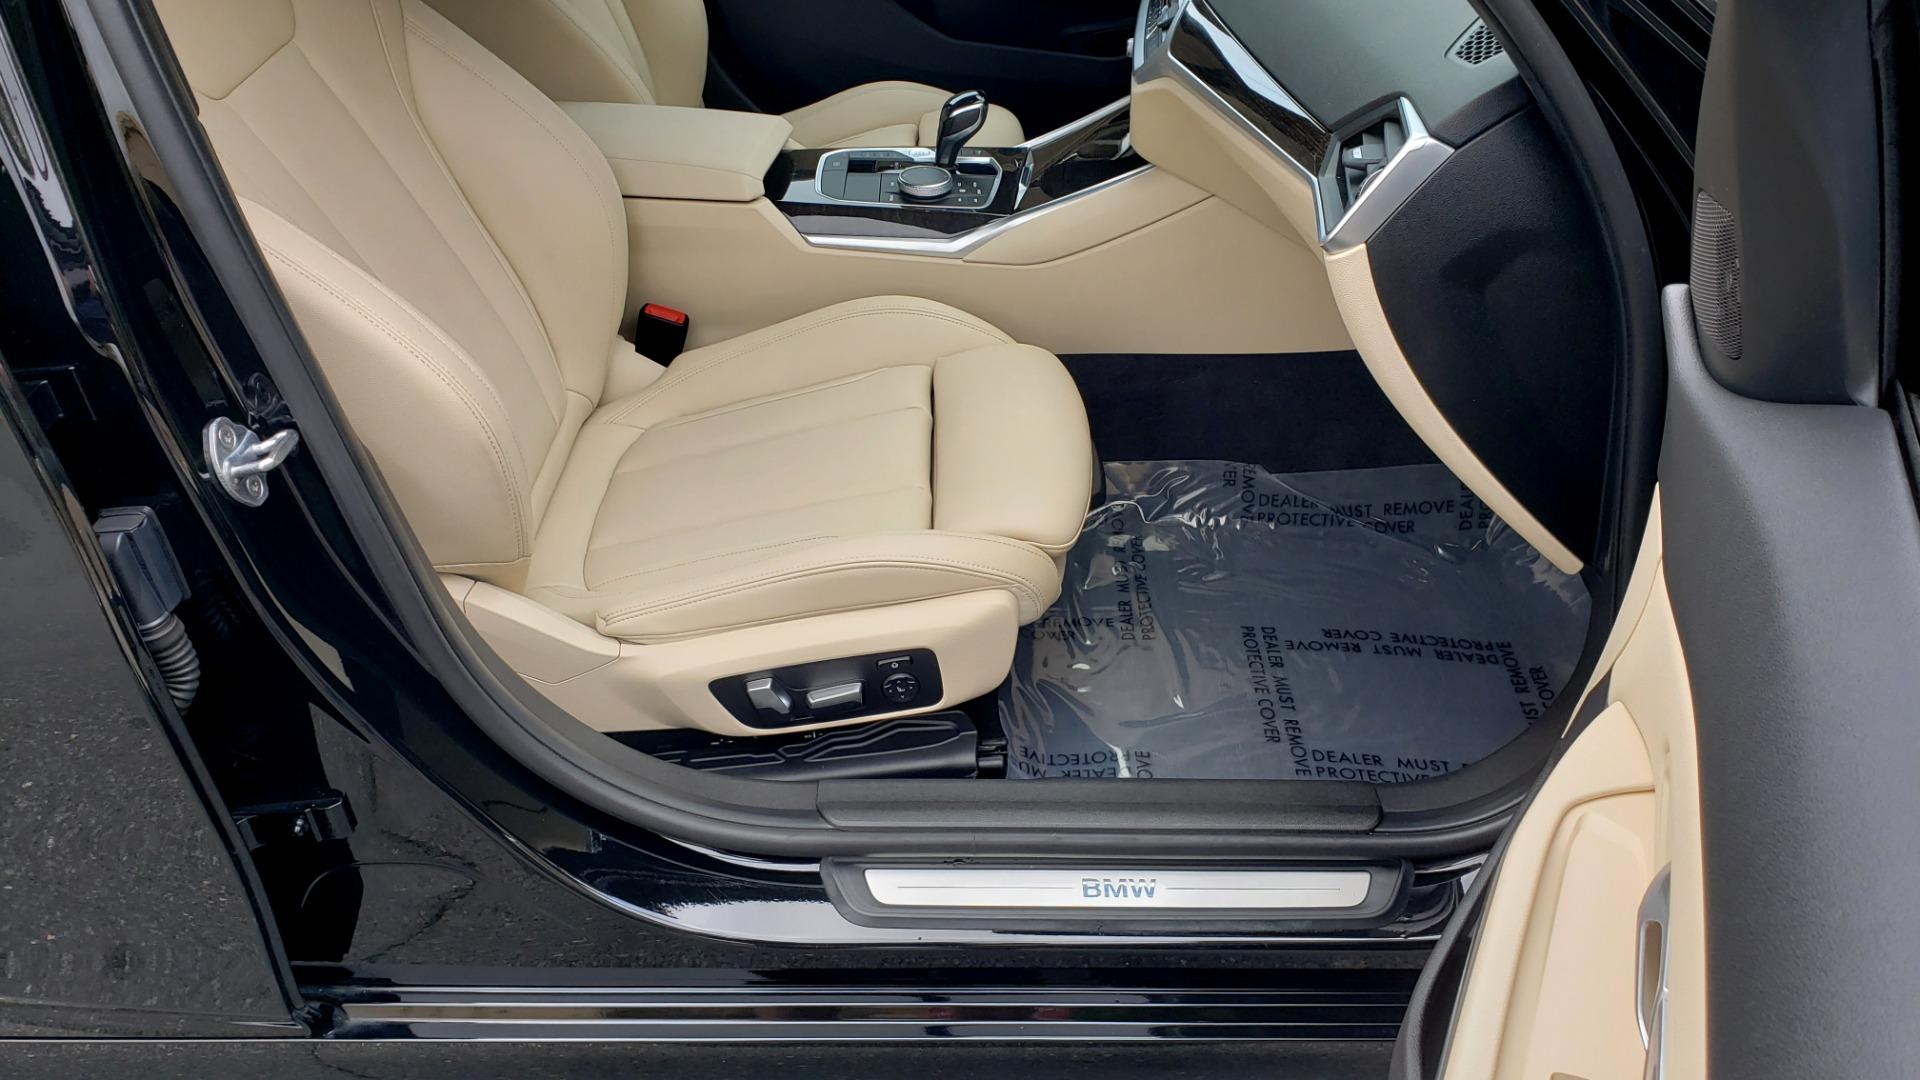 Used 2019 BMW 3 SERIES 330I PREM PKG / NAV / CONV PKG / H&K SND / LIVE COCKPIT PRO for sale Sold at Formula Imports in Charlotte NC 28227 70